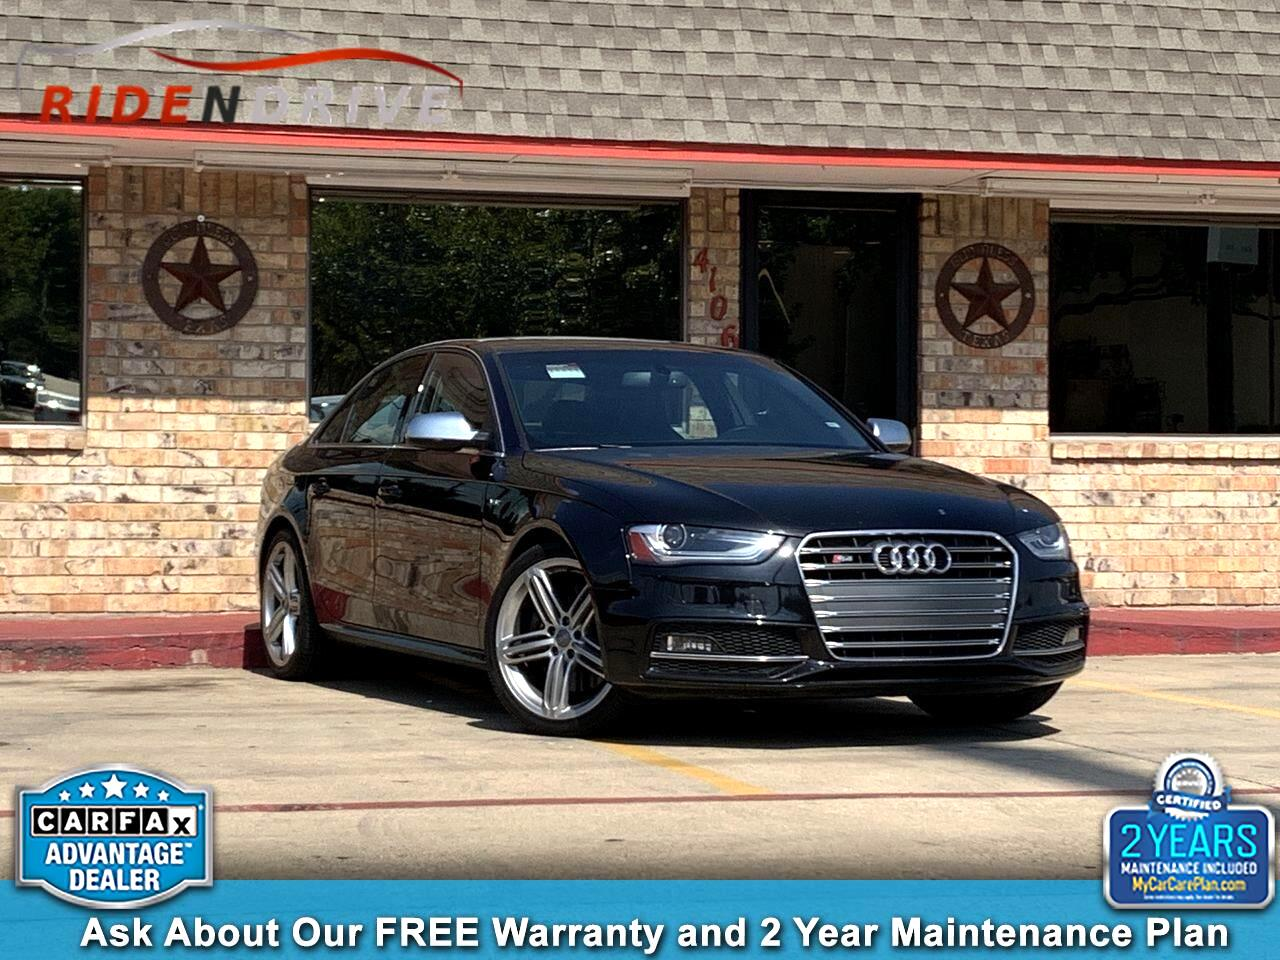 2014 Audi S4 4dr Sdn Man Premium Plus